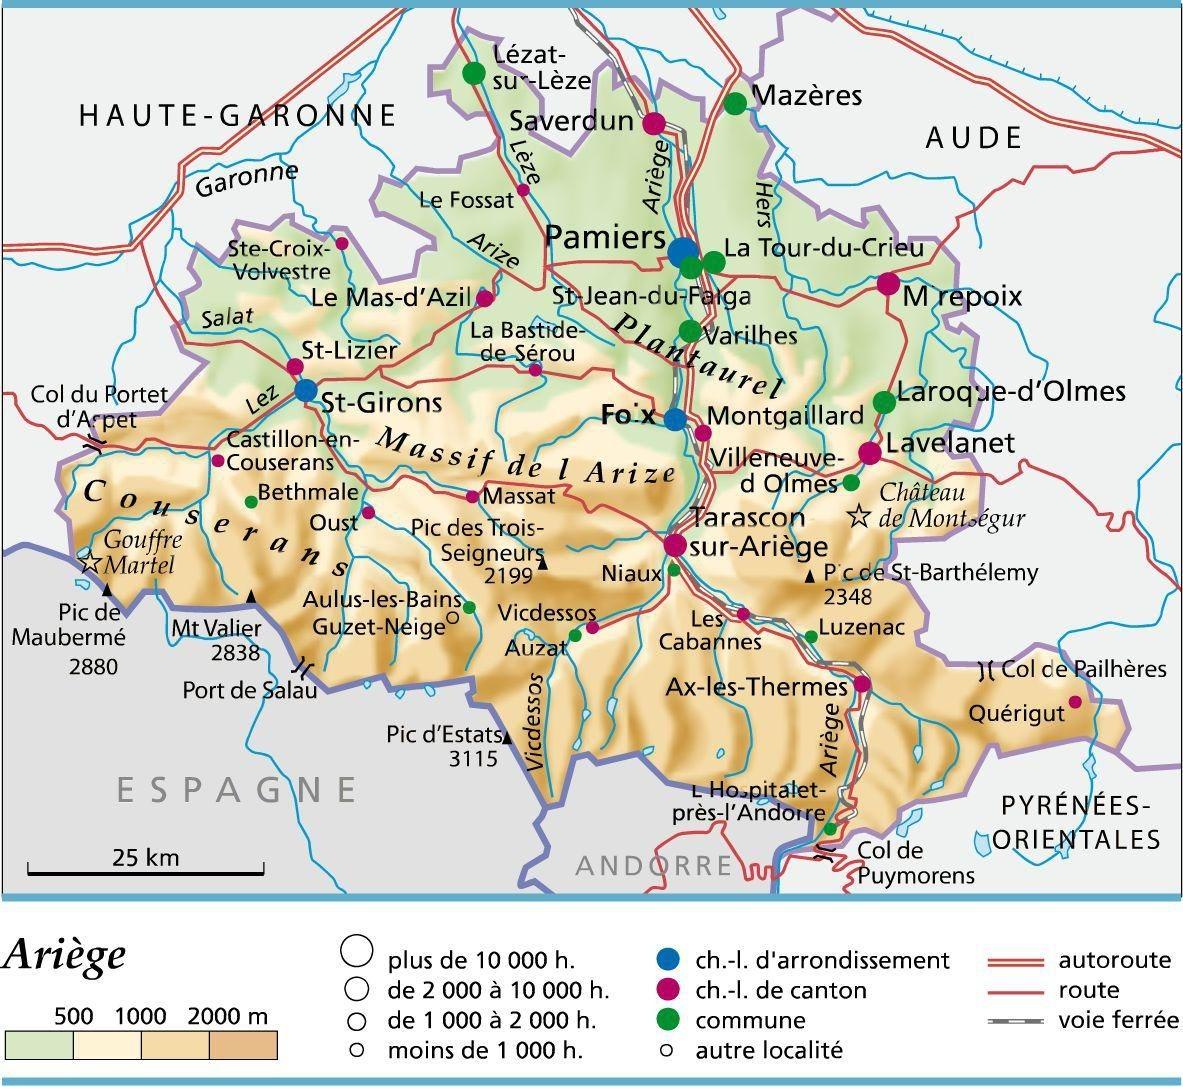 Connaissez-vous l'Ariège?